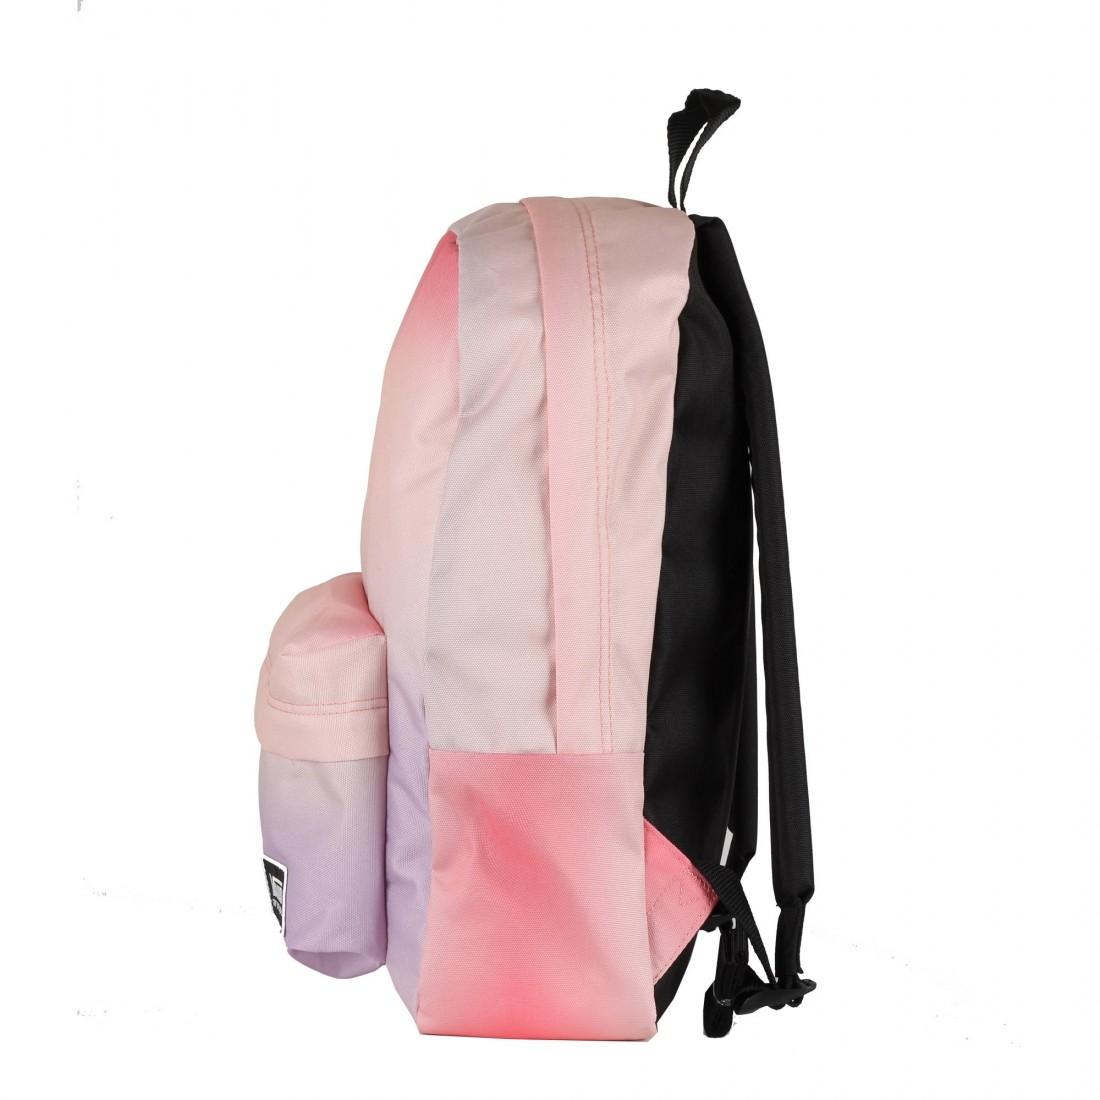 sprzedaż obuwia butik wyprzedażowy super tanie Plecak VANS WM Realm Classic Blossom Grad różowy